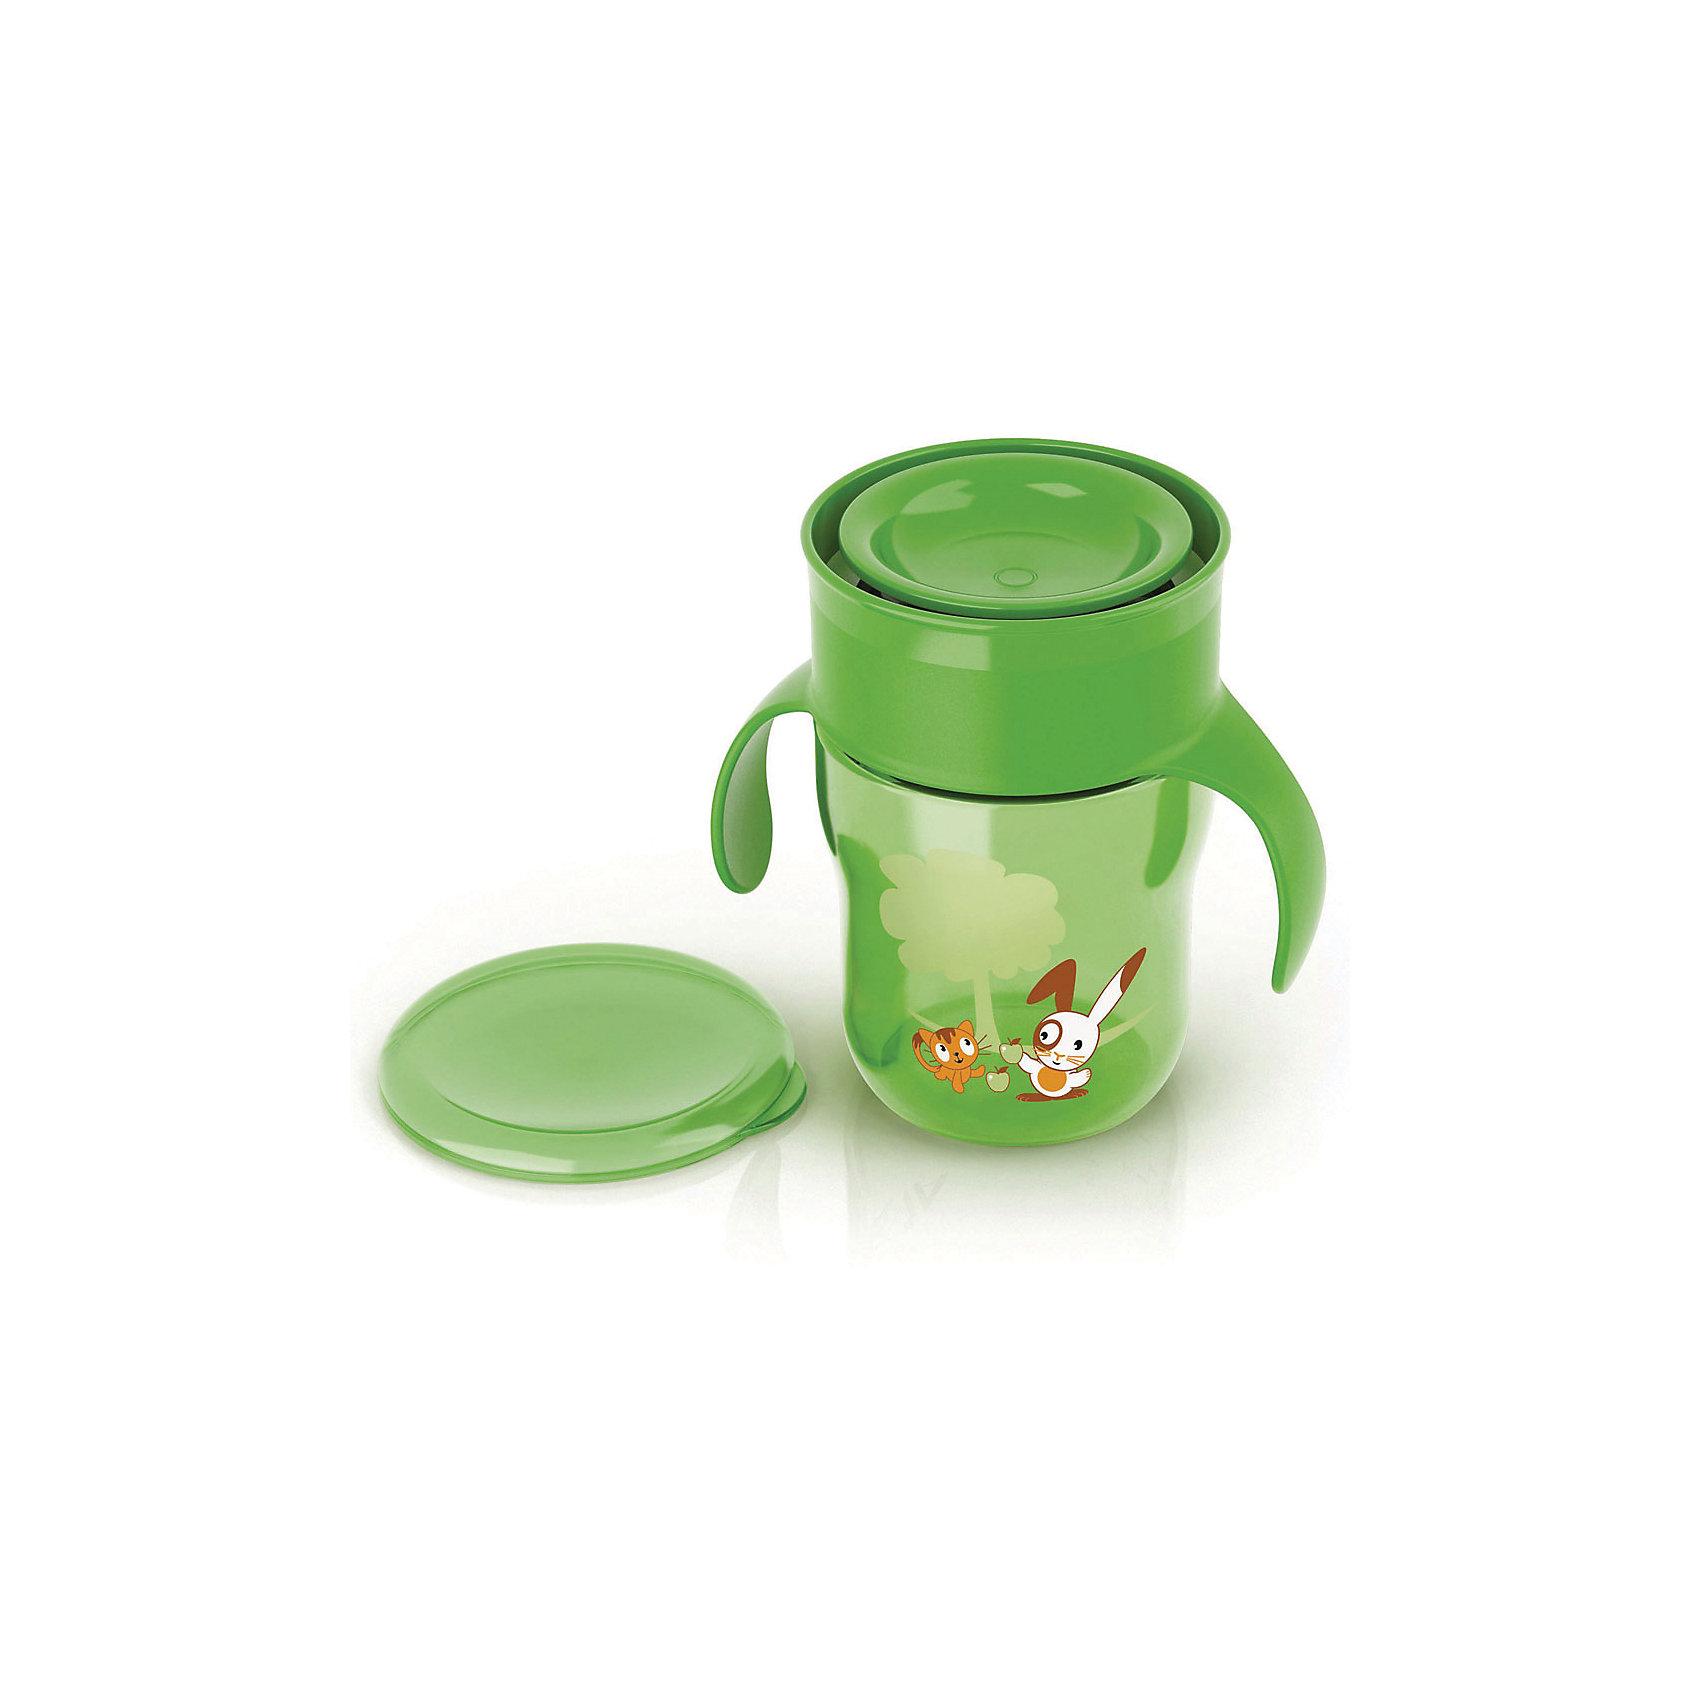 Поильник-чашка , 260мл, AVENT, зеленыйПоильник-чашка 260мл - инновационная чашка от Philips AVENT (Авент), которая поможет Вашему малышу легко и играючи перейти на использование обычной чашки без носика и трубочки. Кроме того, кружка-поильник удобна для использования в любом транспорте и позволит сохранить в чистоте одежду малыша и салон автомобиля.<br>Уникальный клапан с защитой от протекания — передовое решение, специально разработанное экспертами Philips AVENT (Авент). Клапан реагирует на прикосновение губ, обеспечивая удобство питья для ребенка и исключая проливание напитка.<br>Обучающие ручки приучают малыша держать чашку и пить без посторонней помощи.<br>Дополнительная информация:<br>- В  комплекте кружка-поильник с защитным клапаном и обучающими ручками, крышка - 1 шт.<br>- Клапан с быстрым потоком позволяет малышу пить, не прилагая лишних усилий, не всасывая жидкость. Идеально для малышей старше года.<br>- Не содержит бисфенол-А.<br>- Можно мыть в посудомоечной машине.<br>- Кружка-поильник не предназначена для приготовления пищи, а также  для горячих и шипучих напитков.<br>Поильник-чашку , 260мл, AVENT в зеленом цвете можно купить в нашем интернет-магазине.<br><br>Ширина мм: 150<br>Глубина мм: 70<br>Высота мм: 70<br>Вес г: 250<br>Цвет: зеленый<br>Возраст от месяцев: 6<br>Возраст до месяцев: 24<br>Пол: Унисекс<br>Возраст: Детский<br>SKU: 4079882